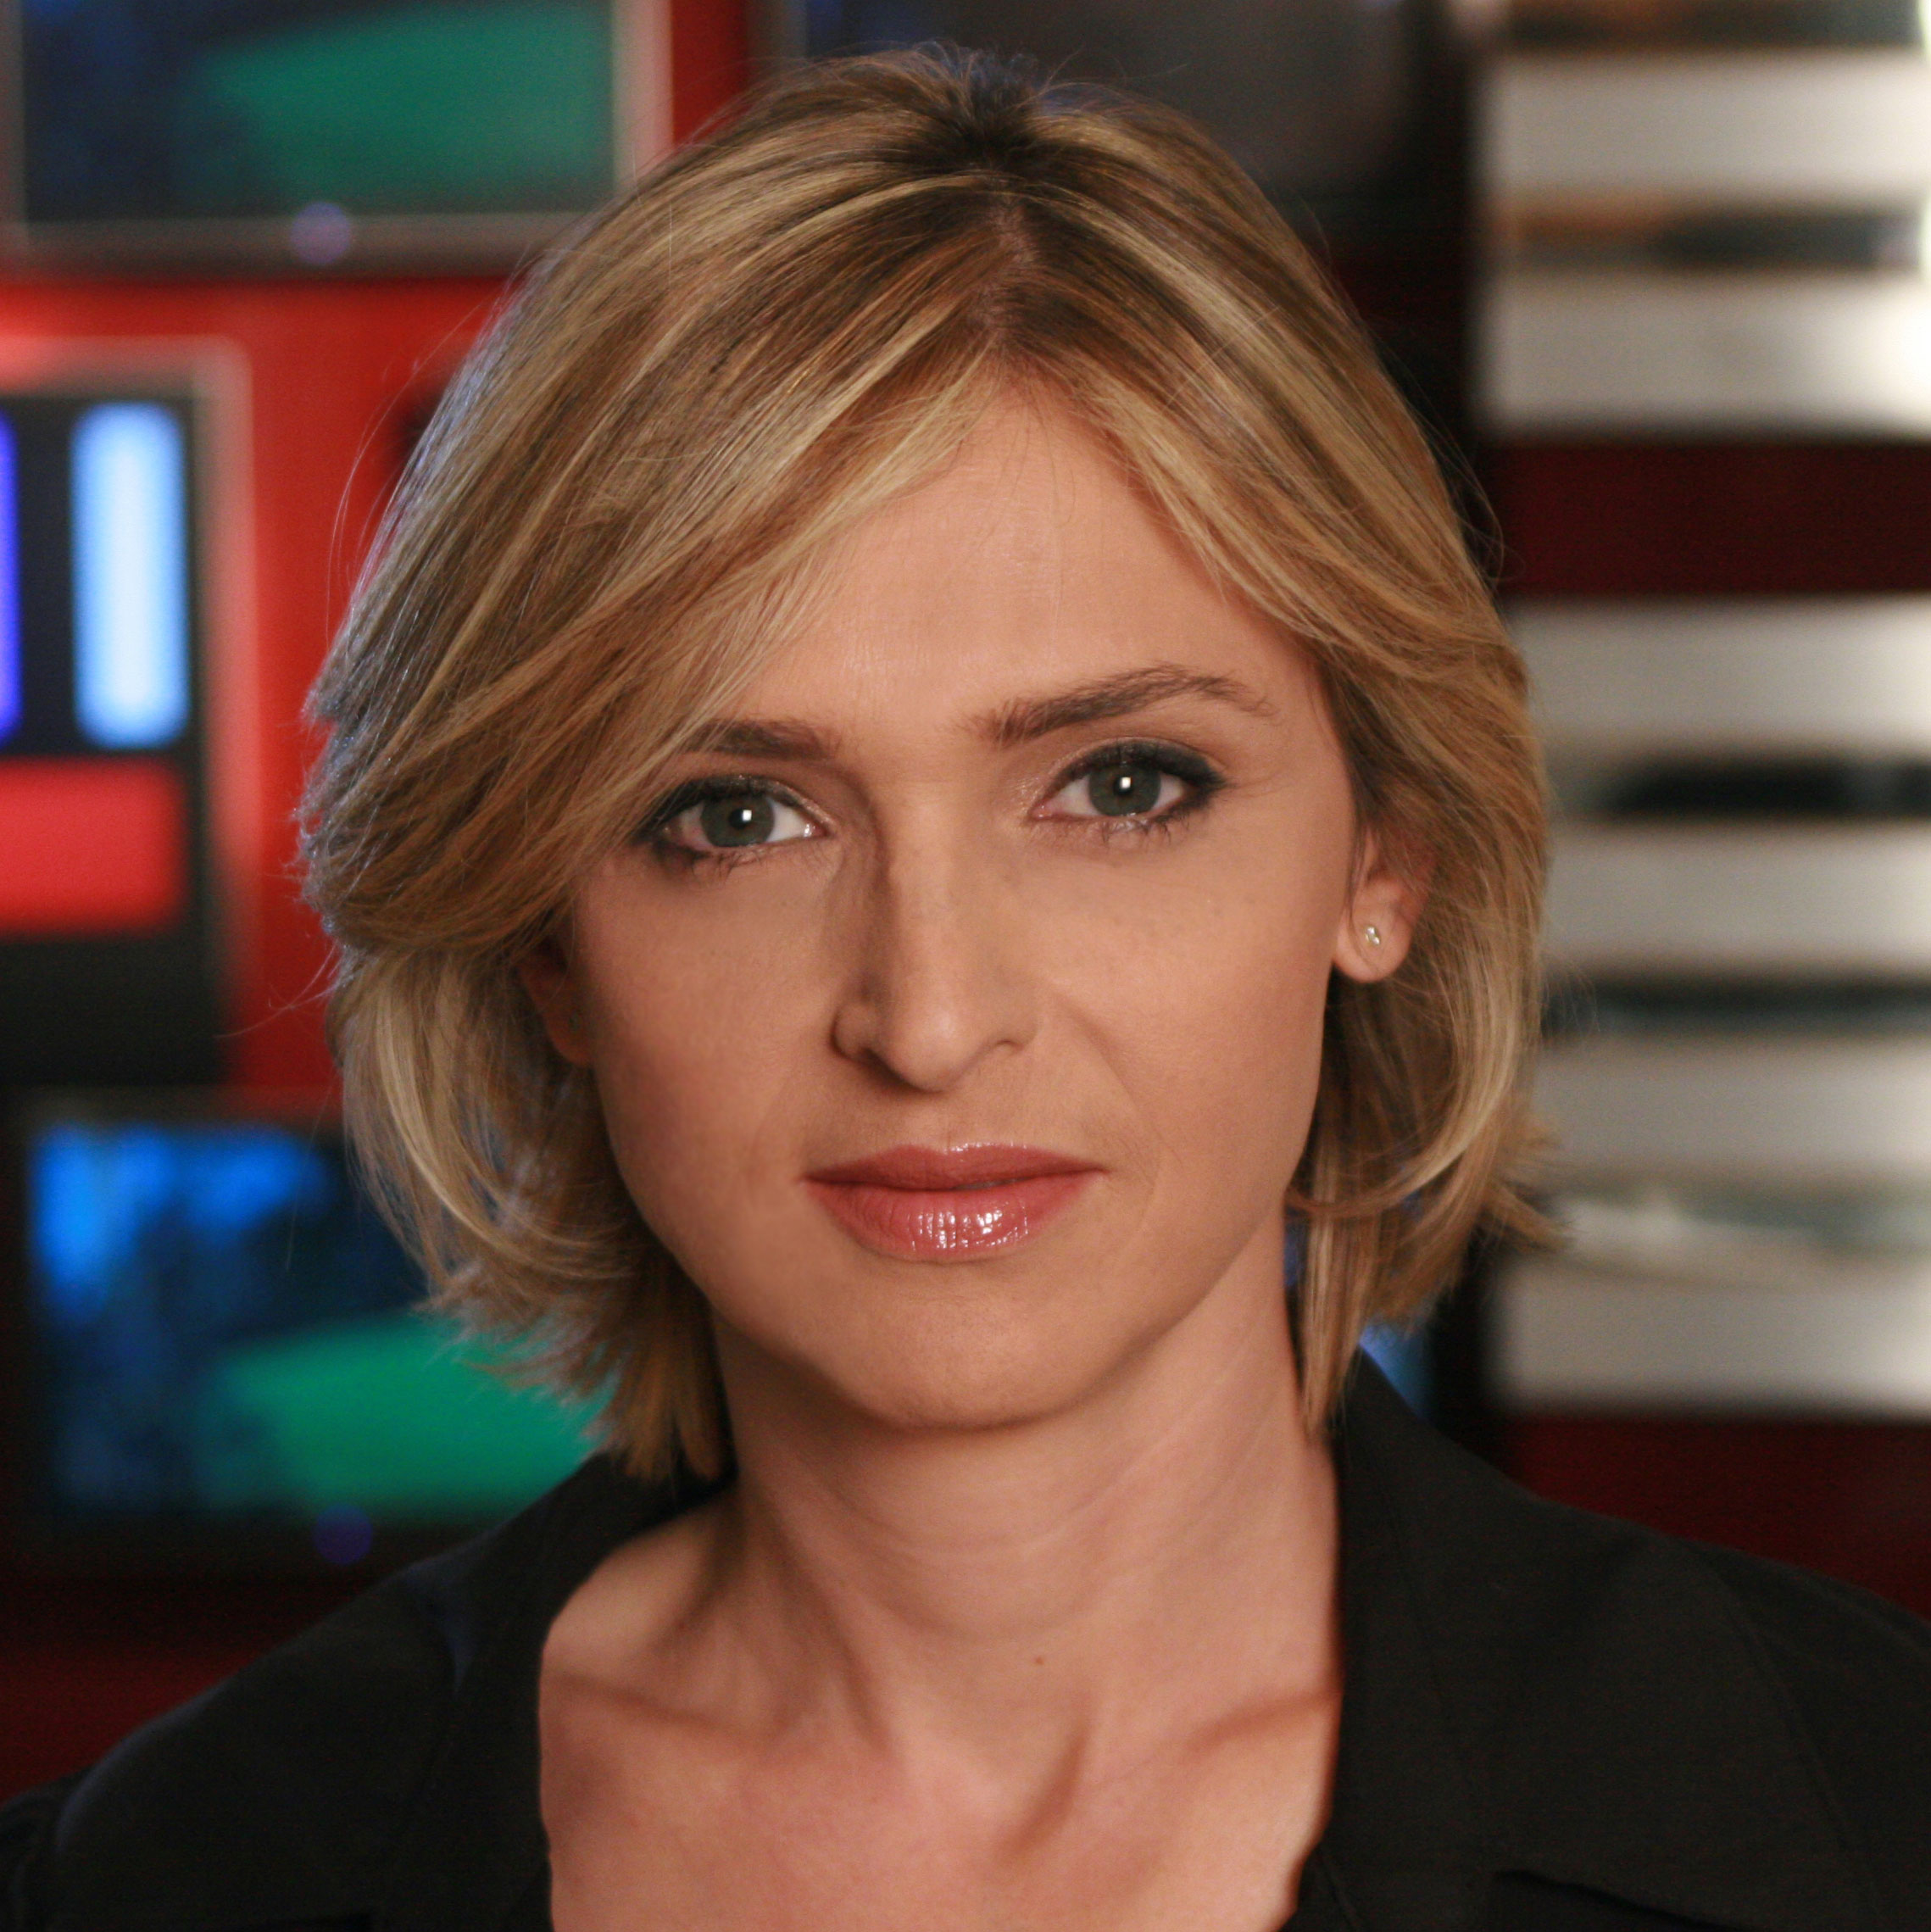 Dana-Weiss-SpeakersBureau photo